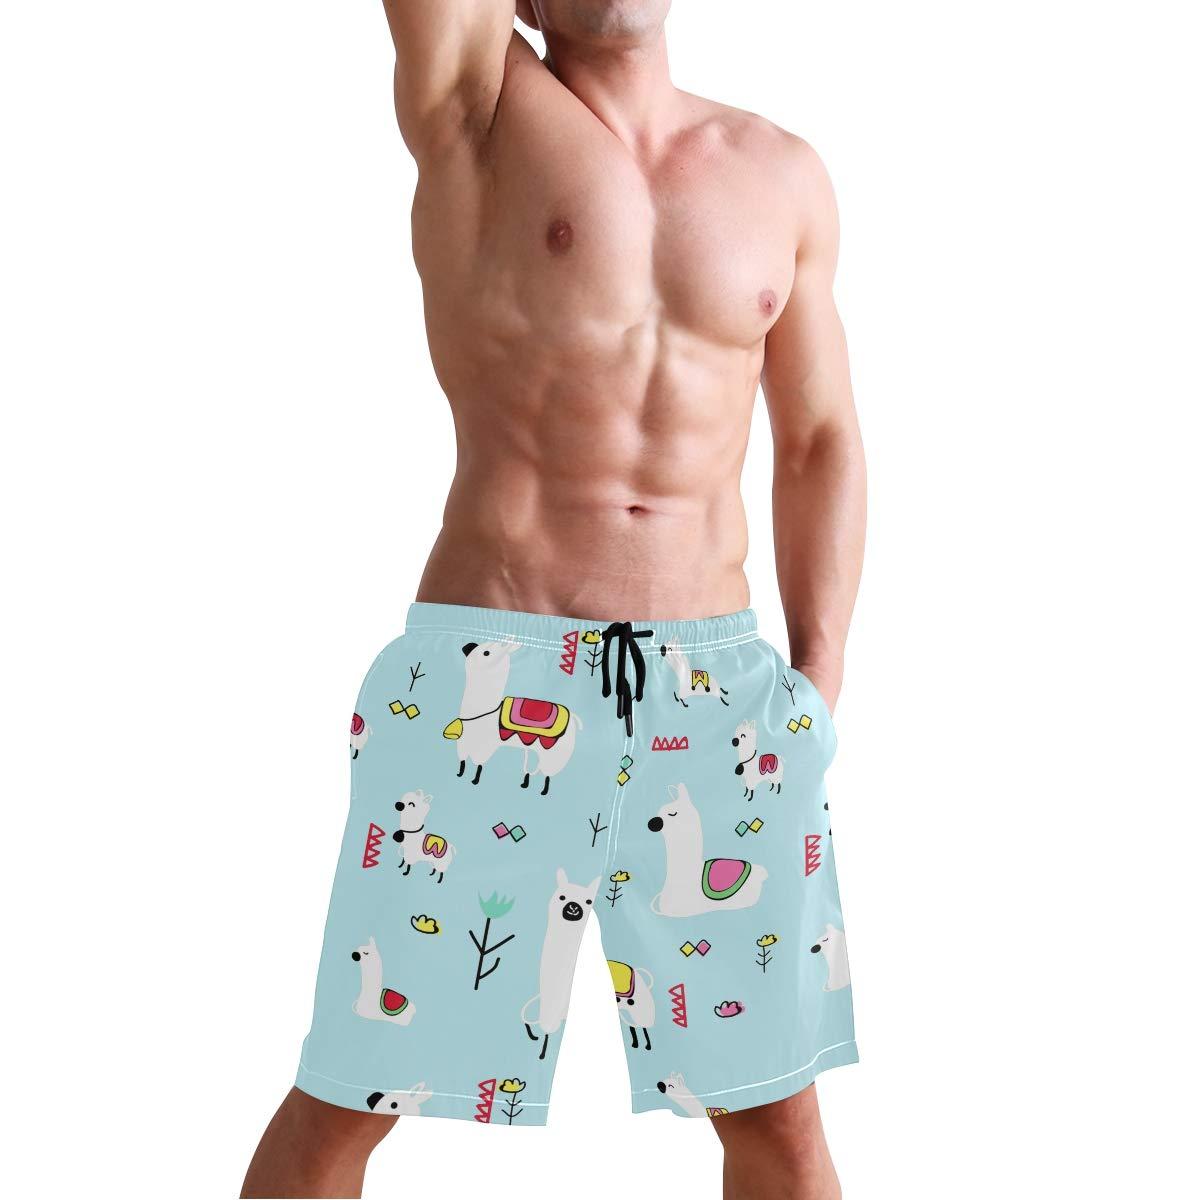 JTKPE Mens Swim Trunks Beach Shorts Llama Flowers Pattern Board Shorts Bathing Suit